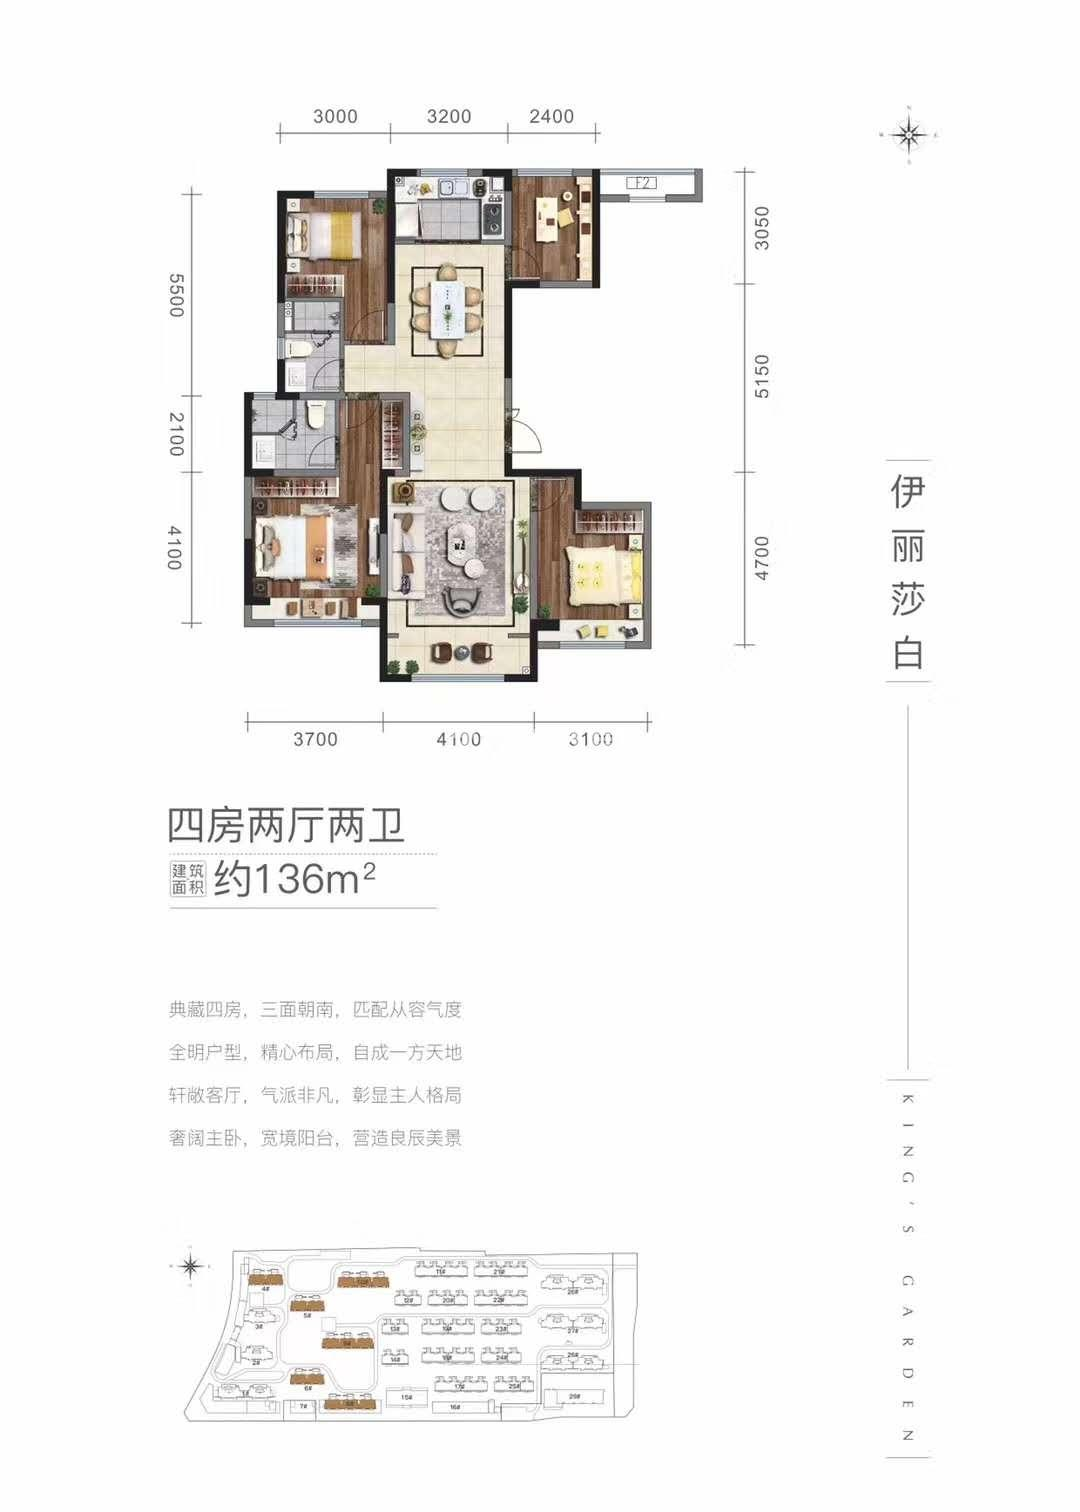 金辉江山铭著136㎡四室两厅两卫户型图